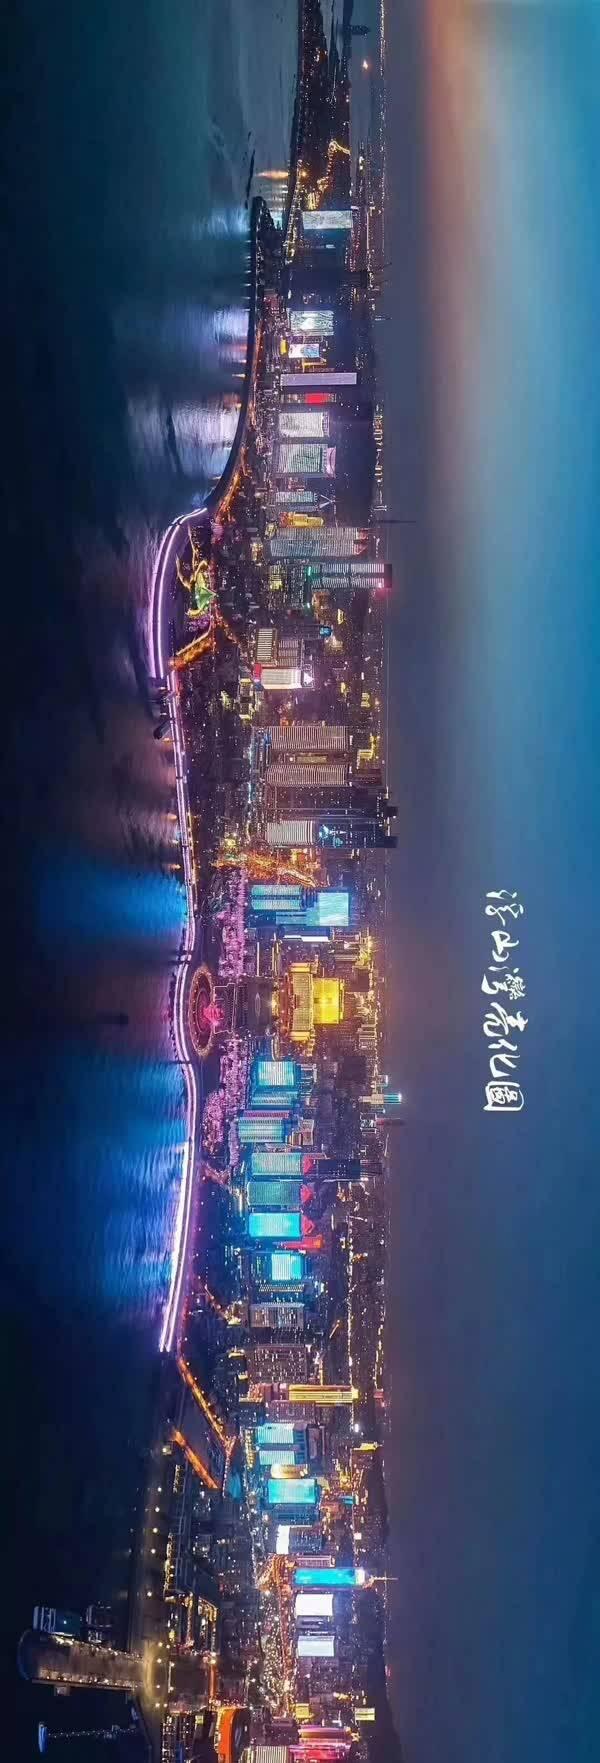 上合峰会,魅力青岛丨青岛最新灯光照,美轮美奂,刷爆朋友圈!